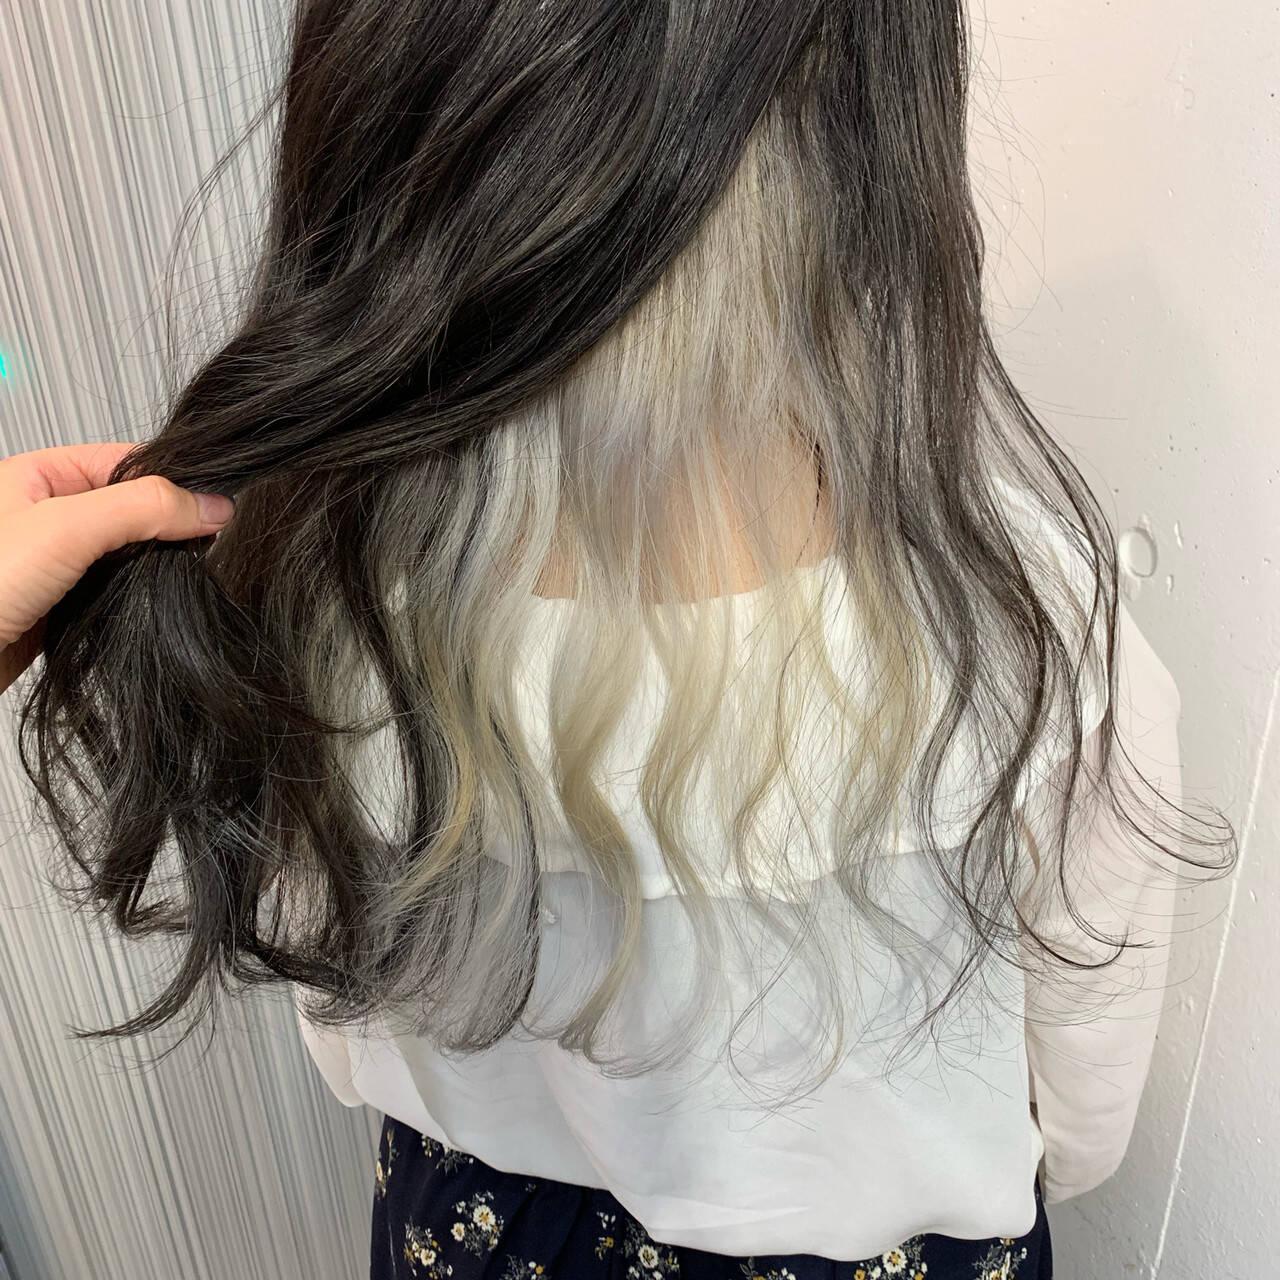 ガーリー インナーカラー インナーカラーグレージュ インナーカラーホワイトヘアスタイルや髪型の写真・画像